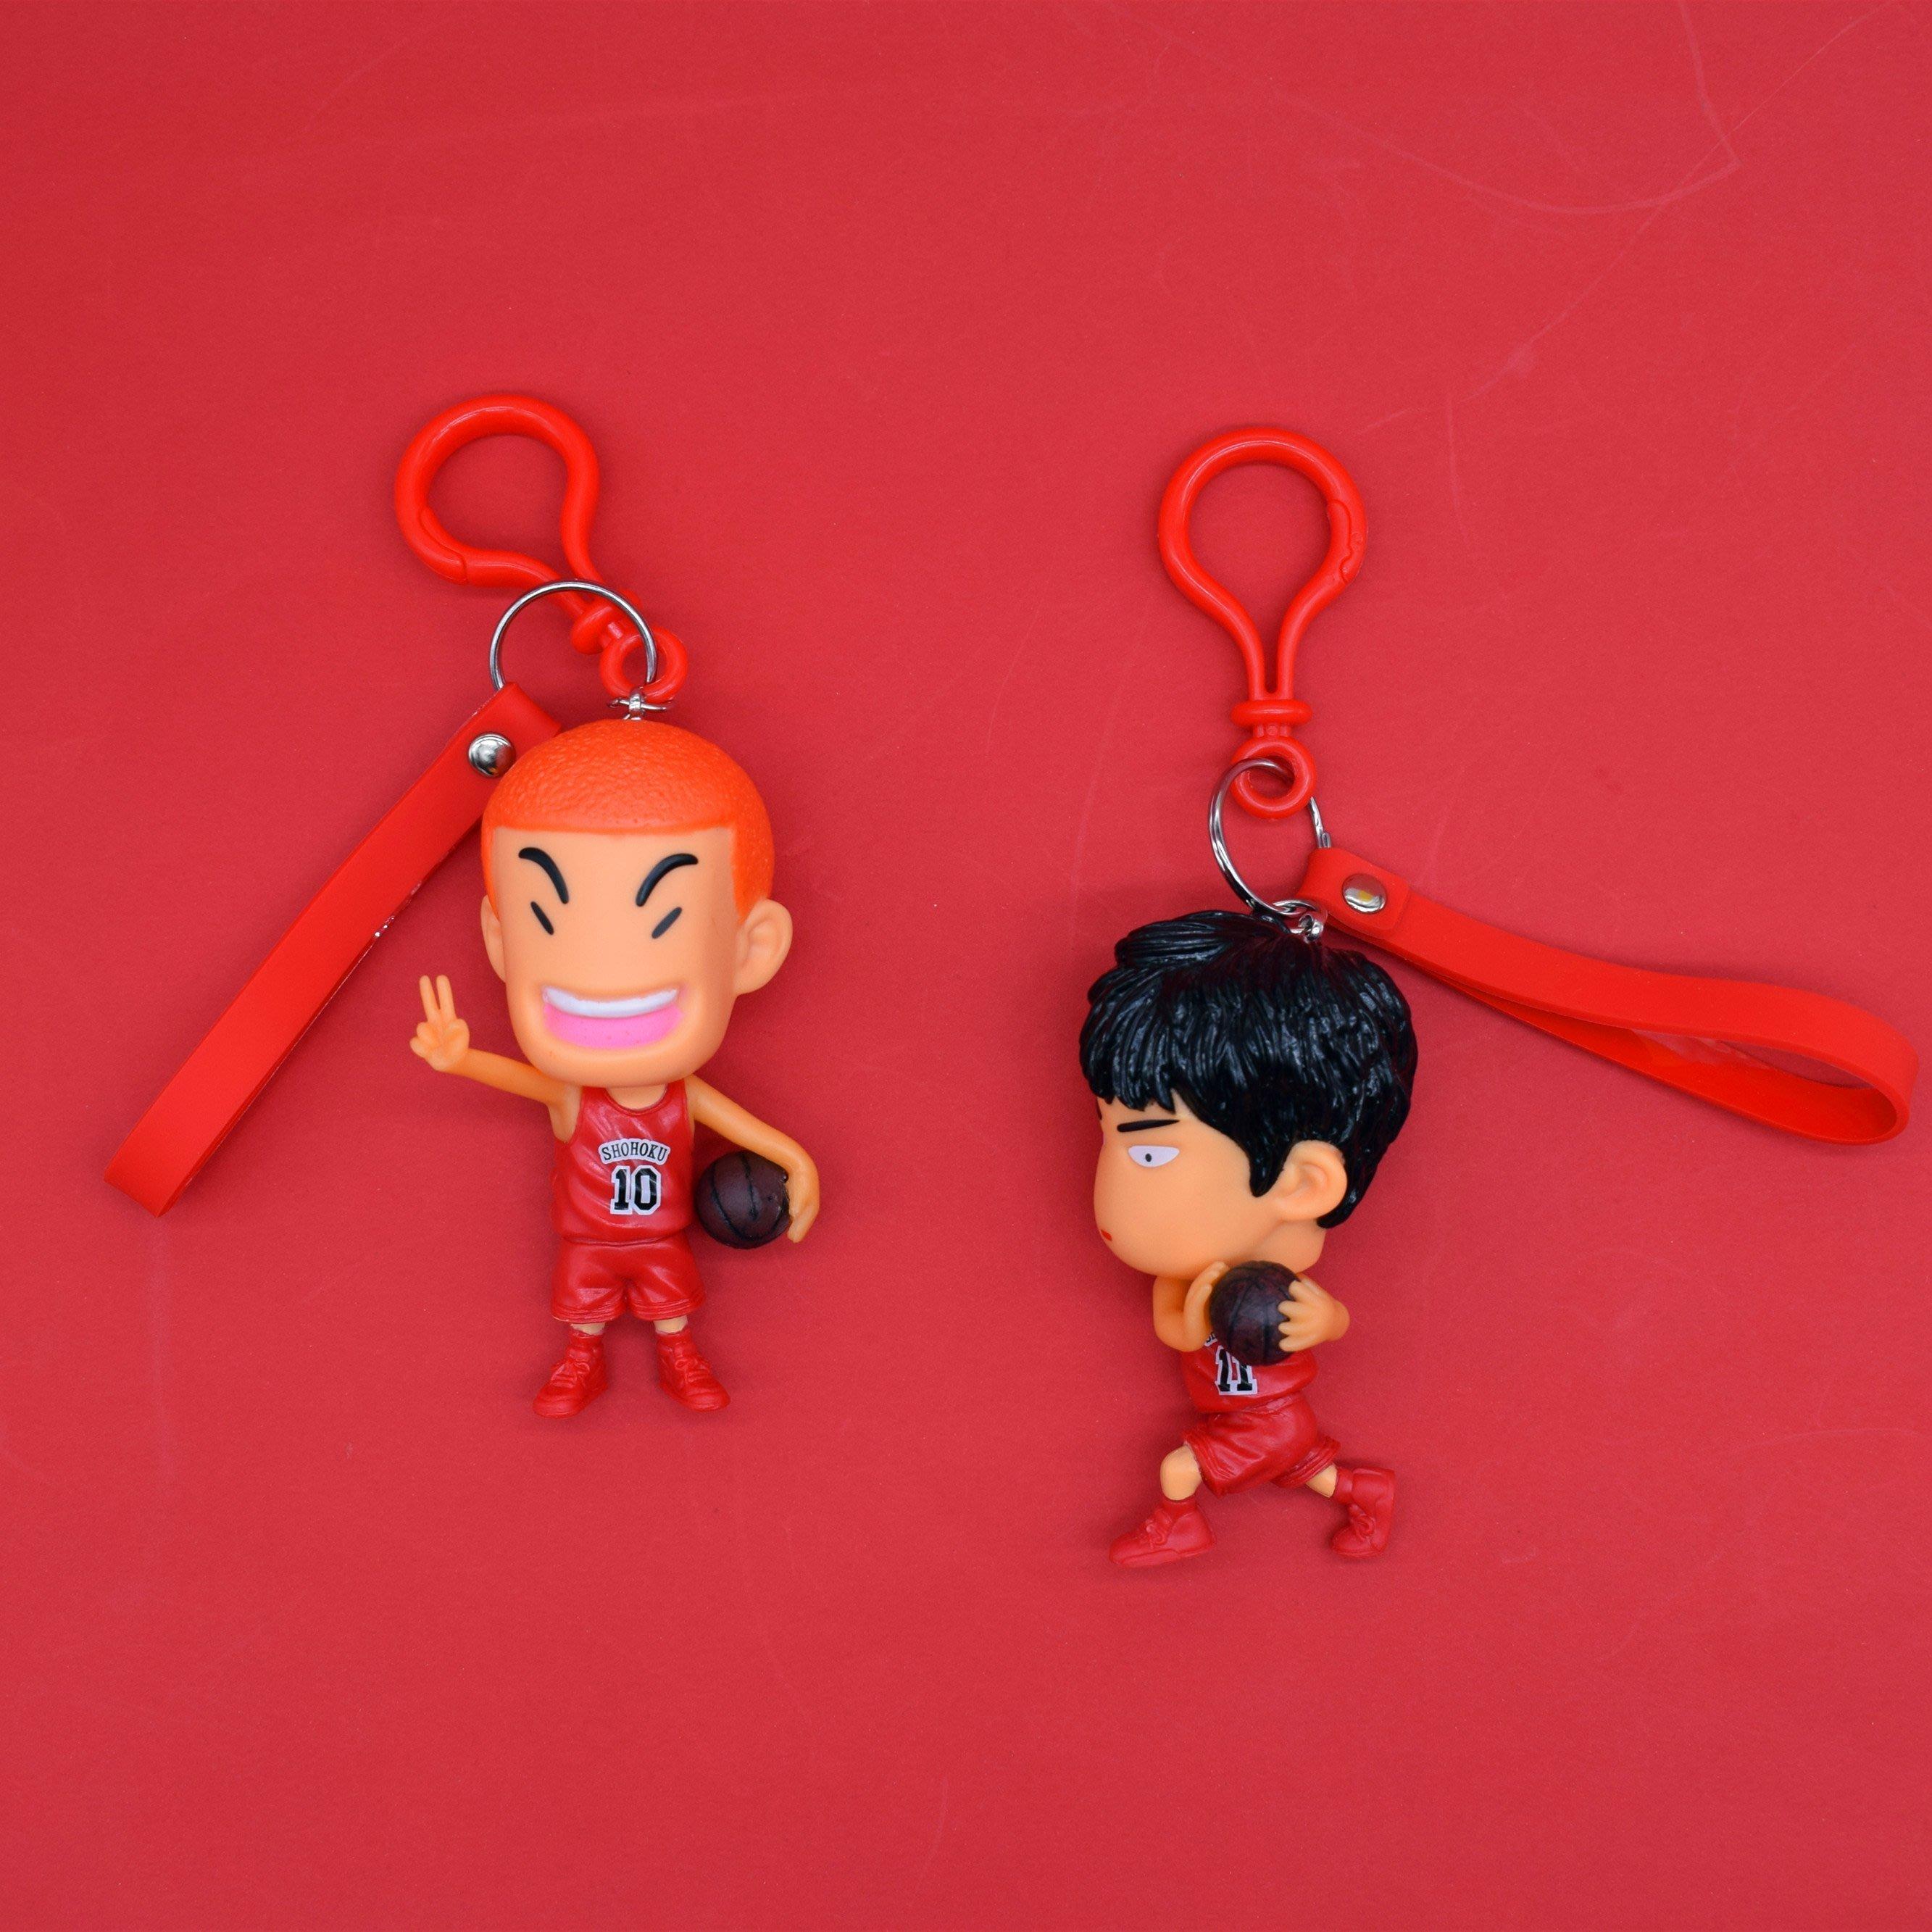 鑰匙圈 鑰匙扣日本灌籃高手流川楓汽車鑰匙扣掛件創意個性書包掛件籃球鑰匙圈